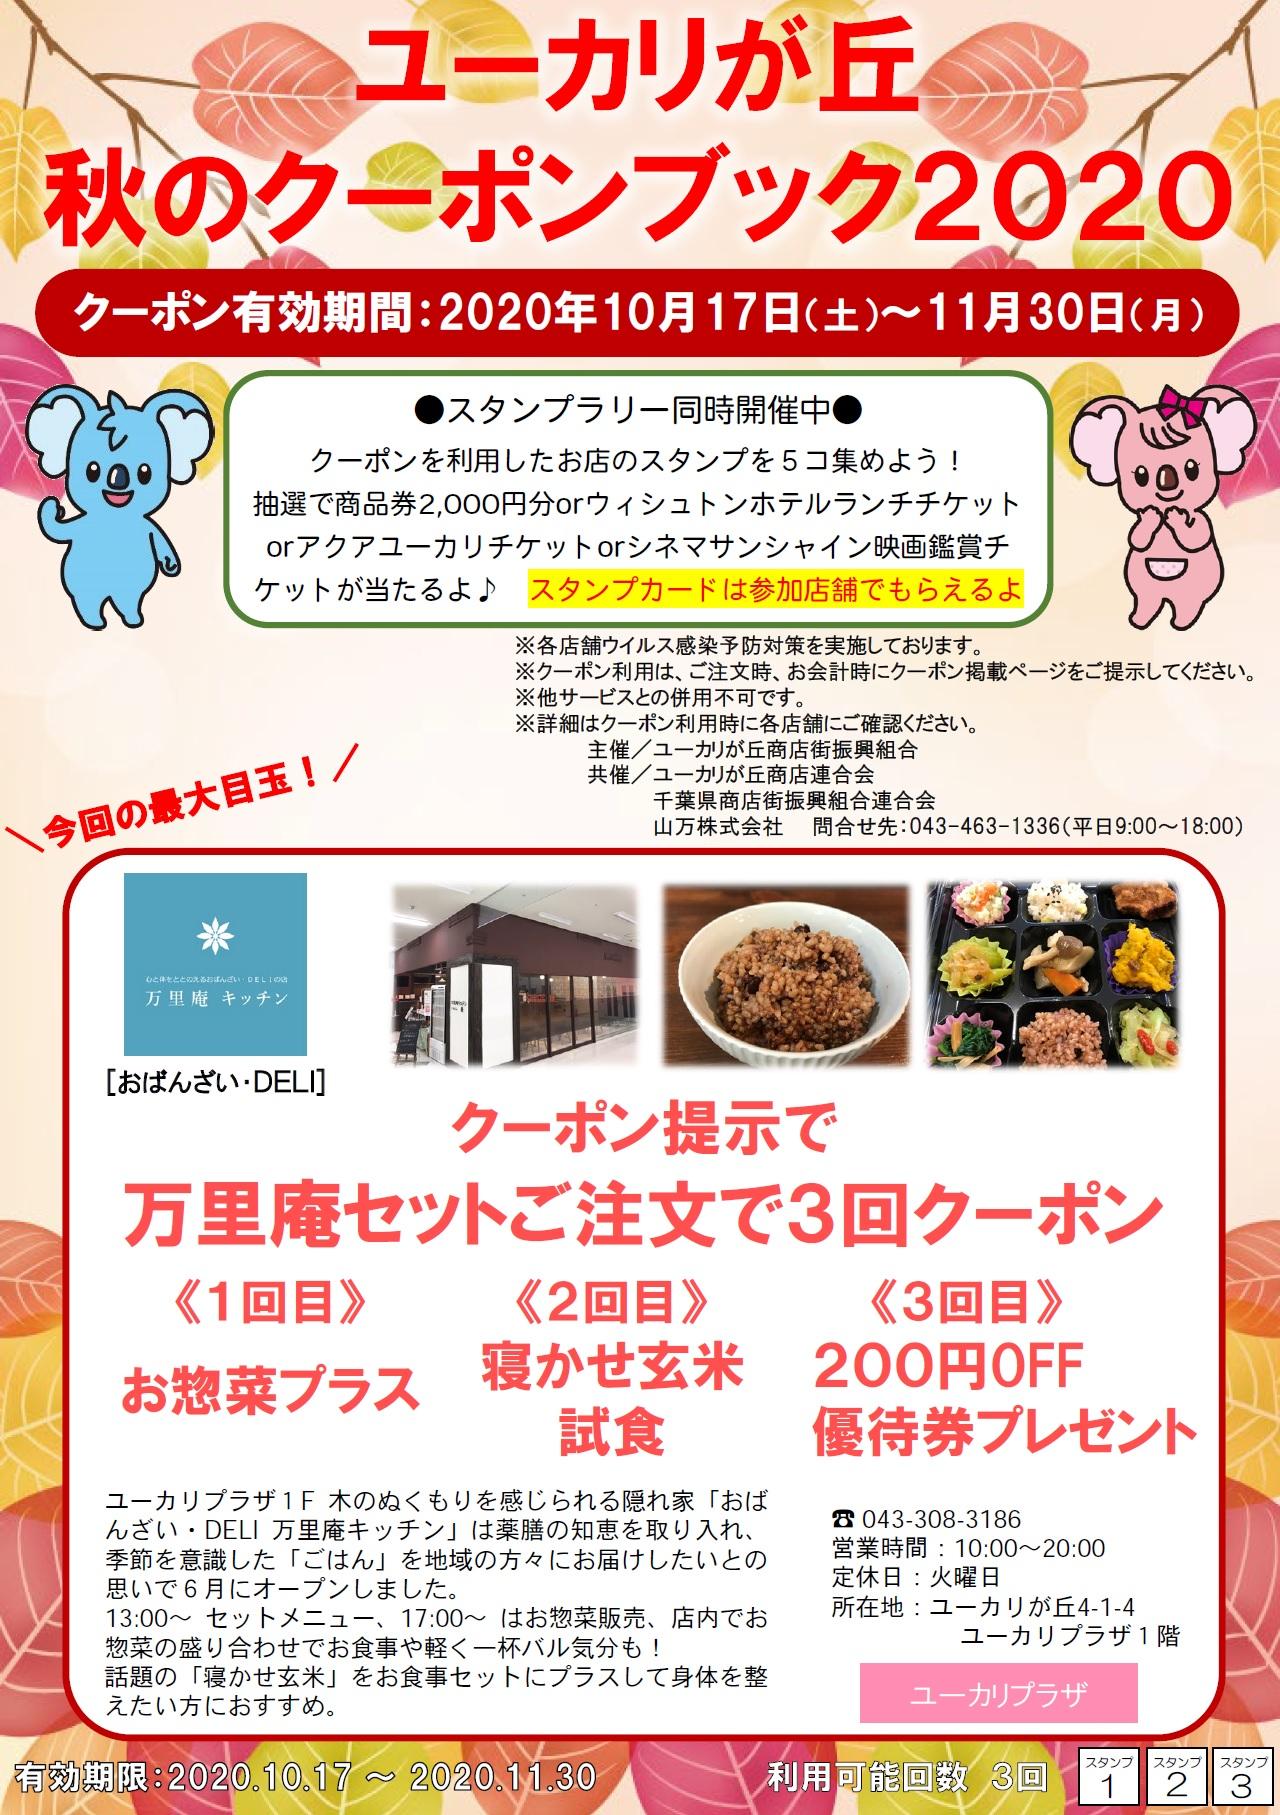 ユーカリが丘 秋のクーポンブック2020開催(/・ω・)/